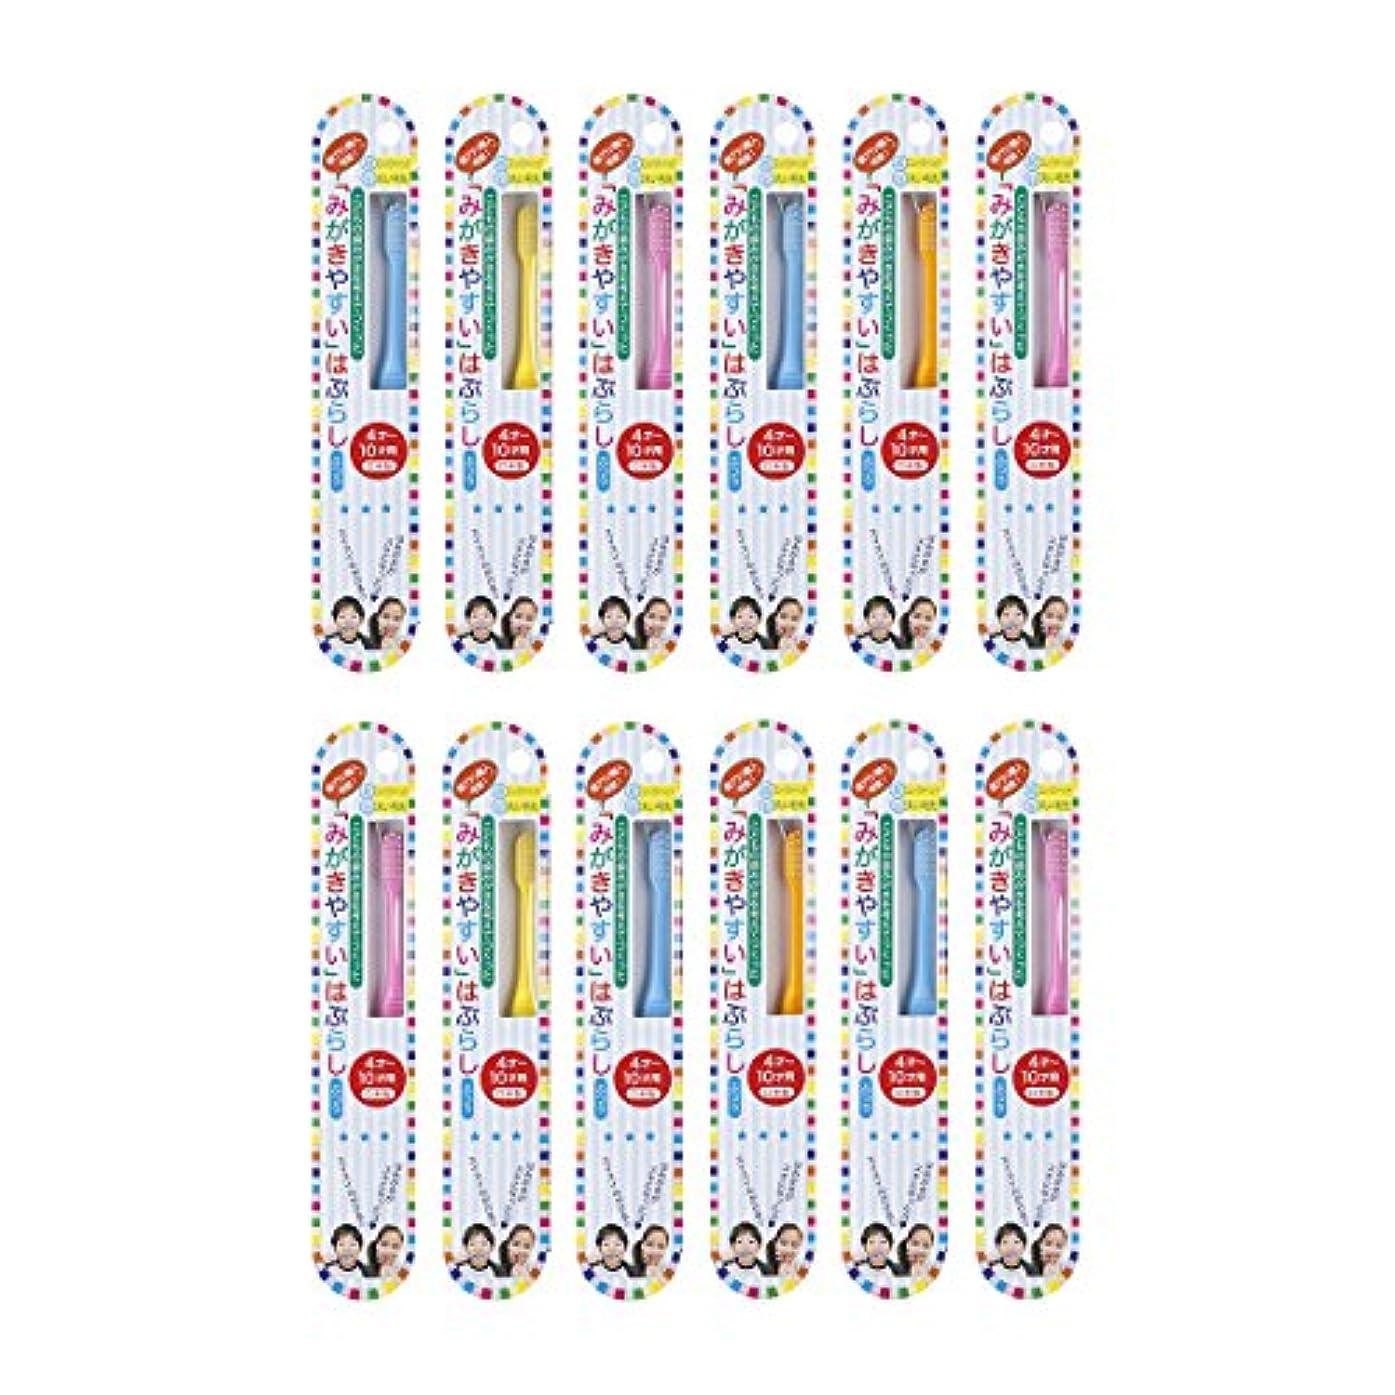 抱擁サポート間隔歯ブラシ職人Artooth 日本製 田辺重吉 磨きやすい歯ブラシこども用 LT-10 (12本パック)